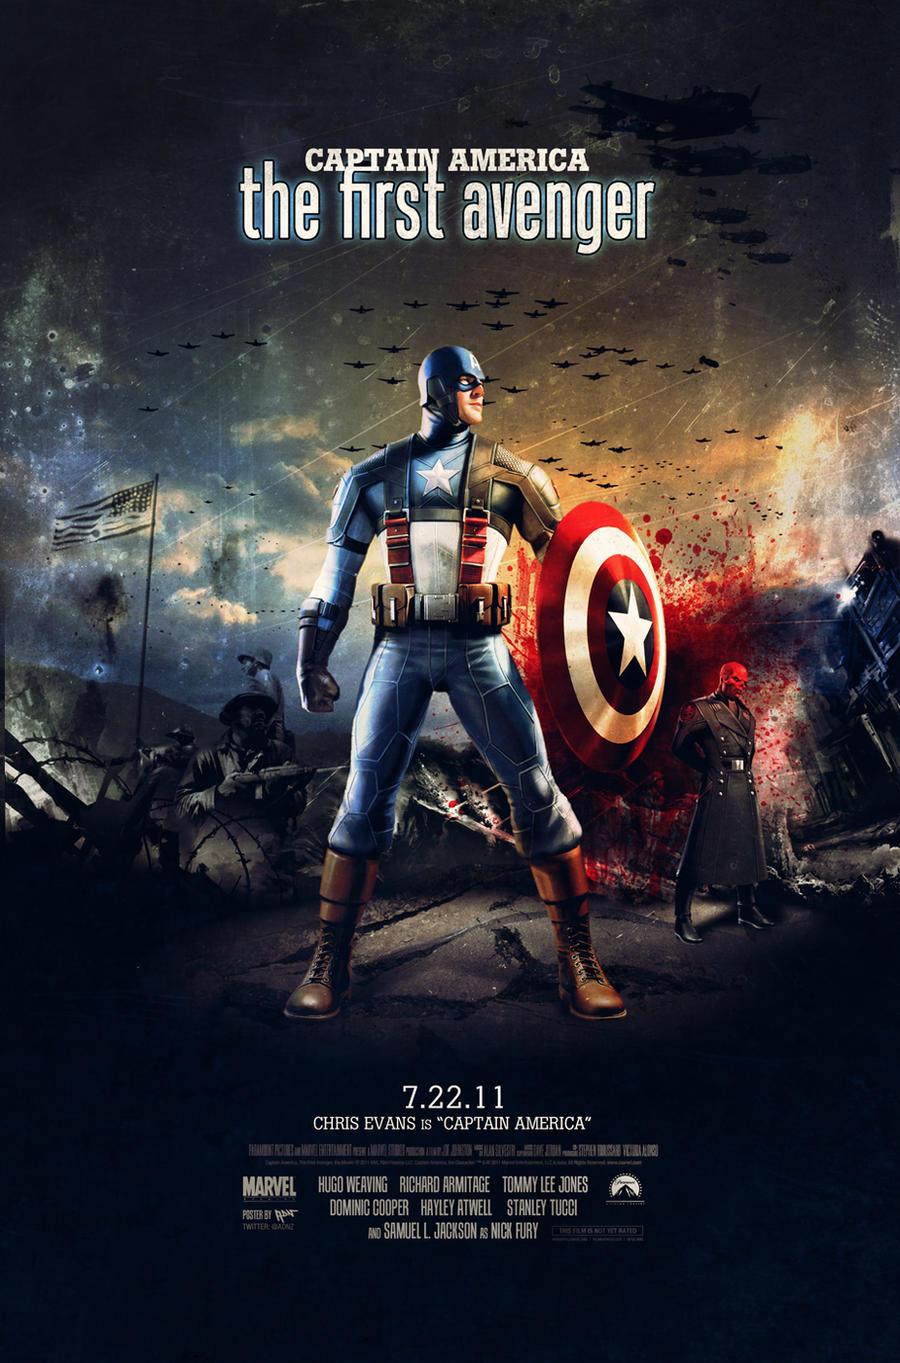 Captain America Movie Poster by ADN-z